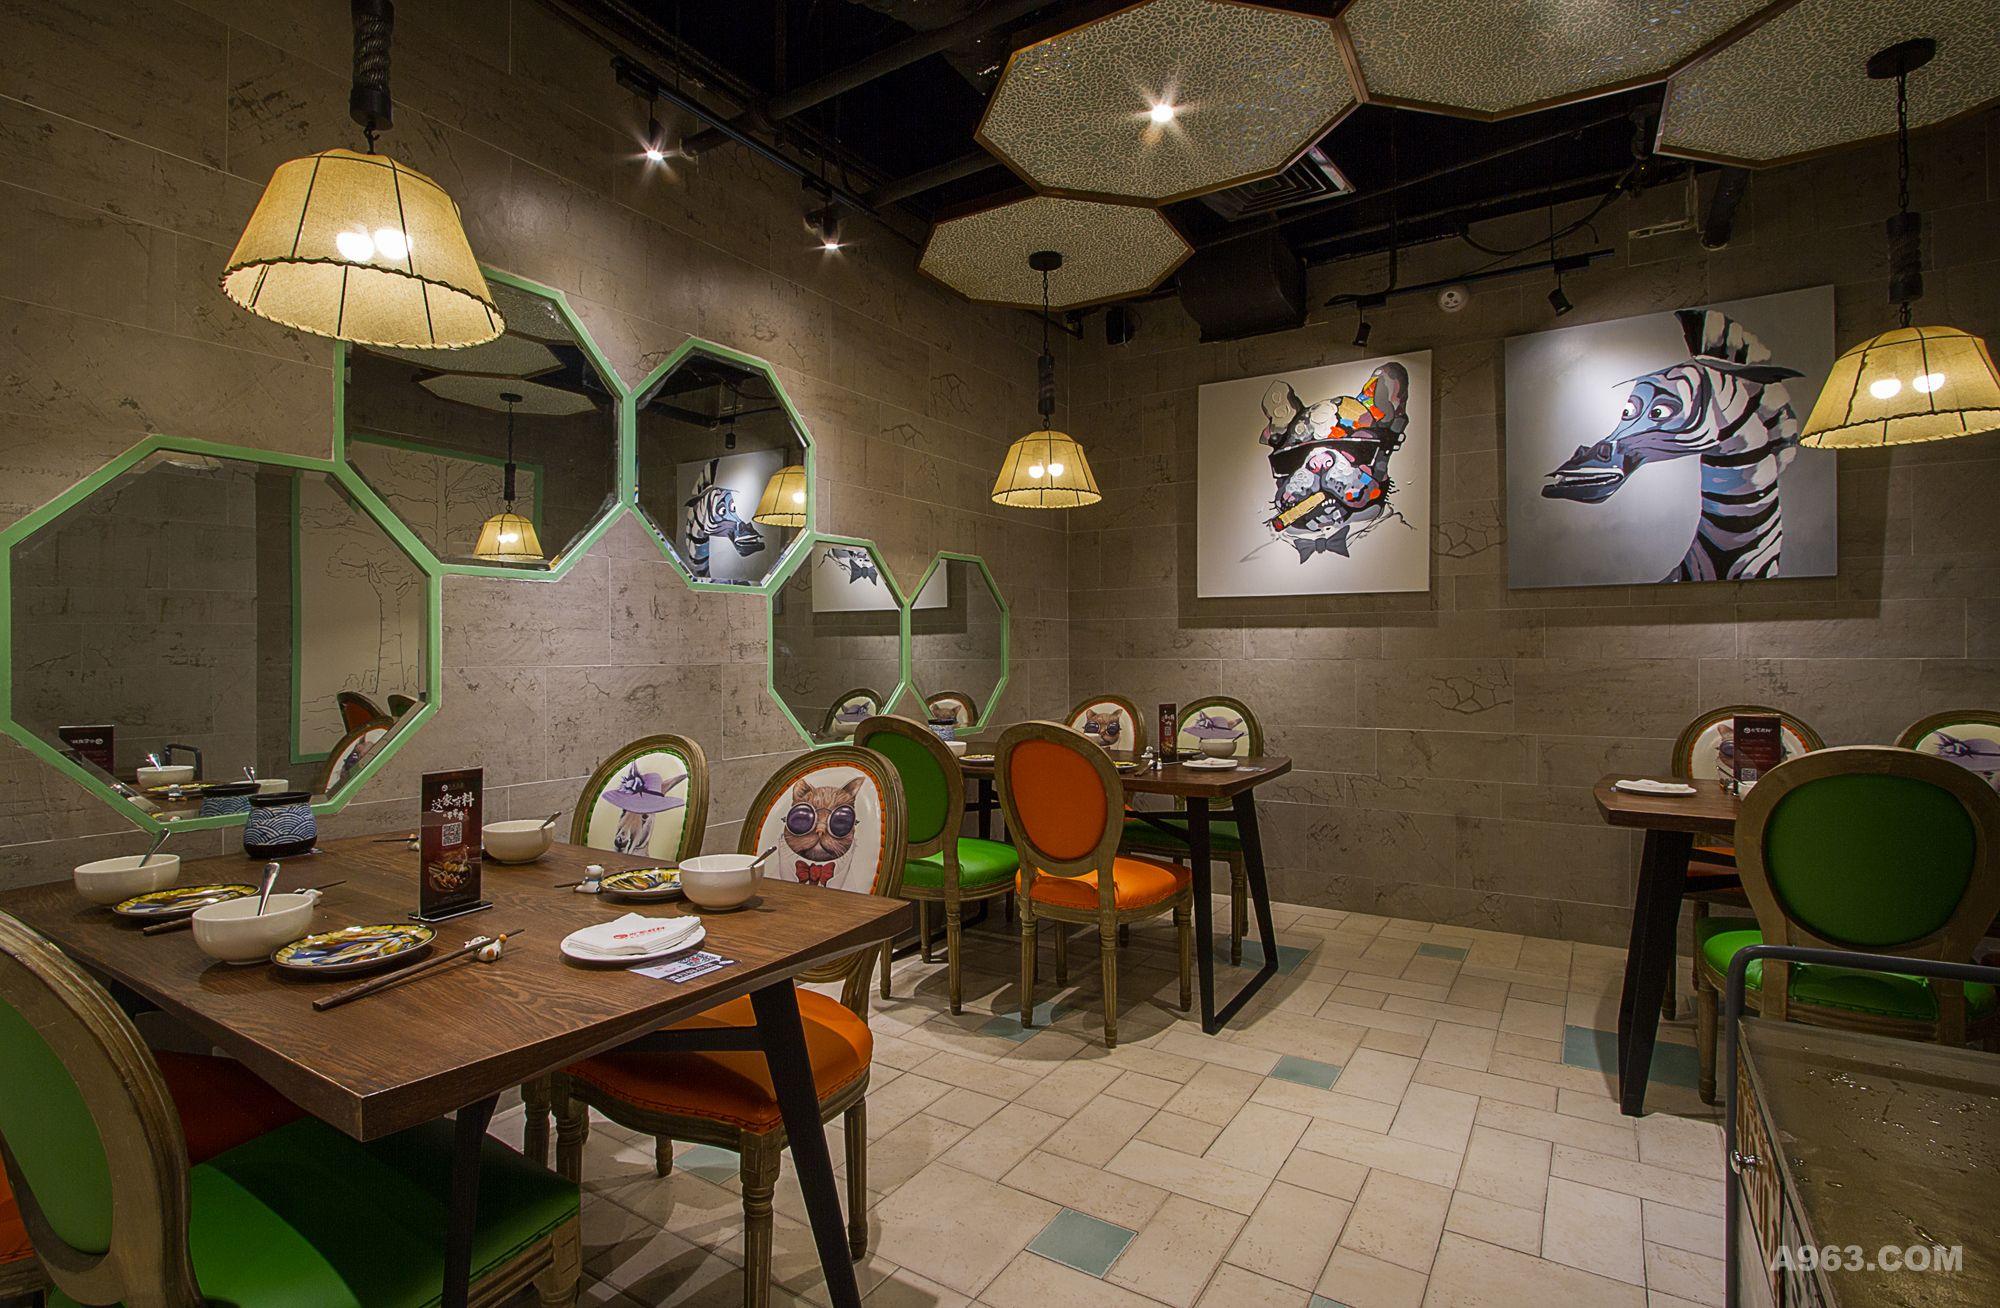 墙面异形明镜的装饰,丰富了空间层次,也方便就餐后的仪容修饰.